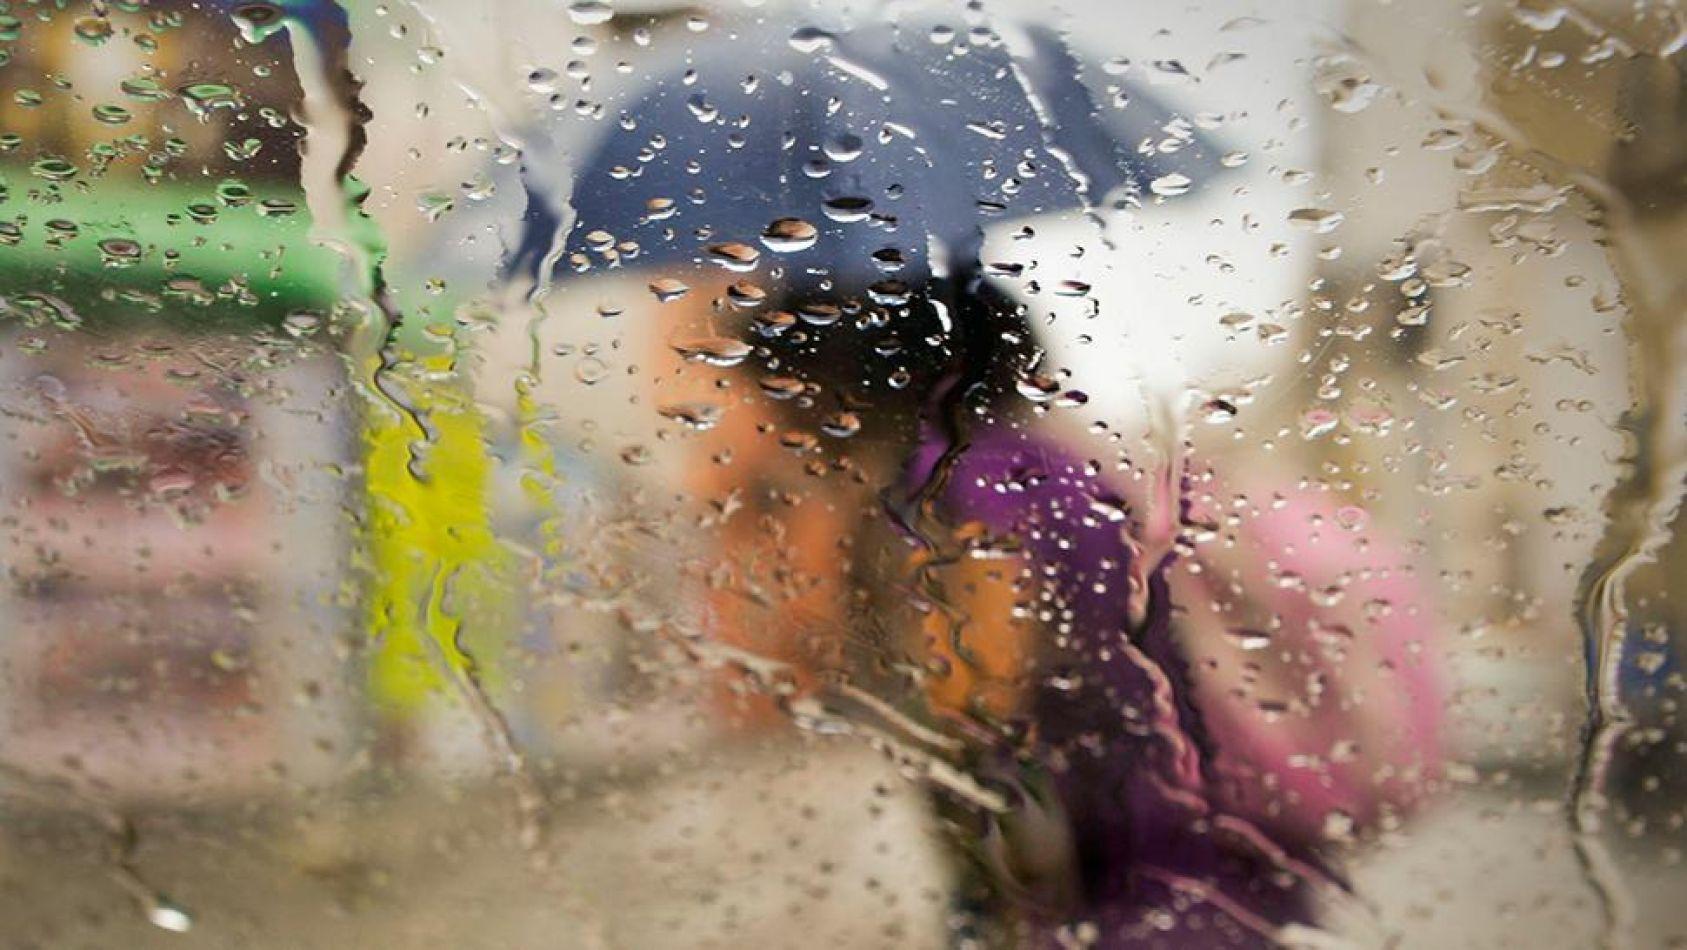 Tiempo en Salta: a salir con paraguas y abrigo